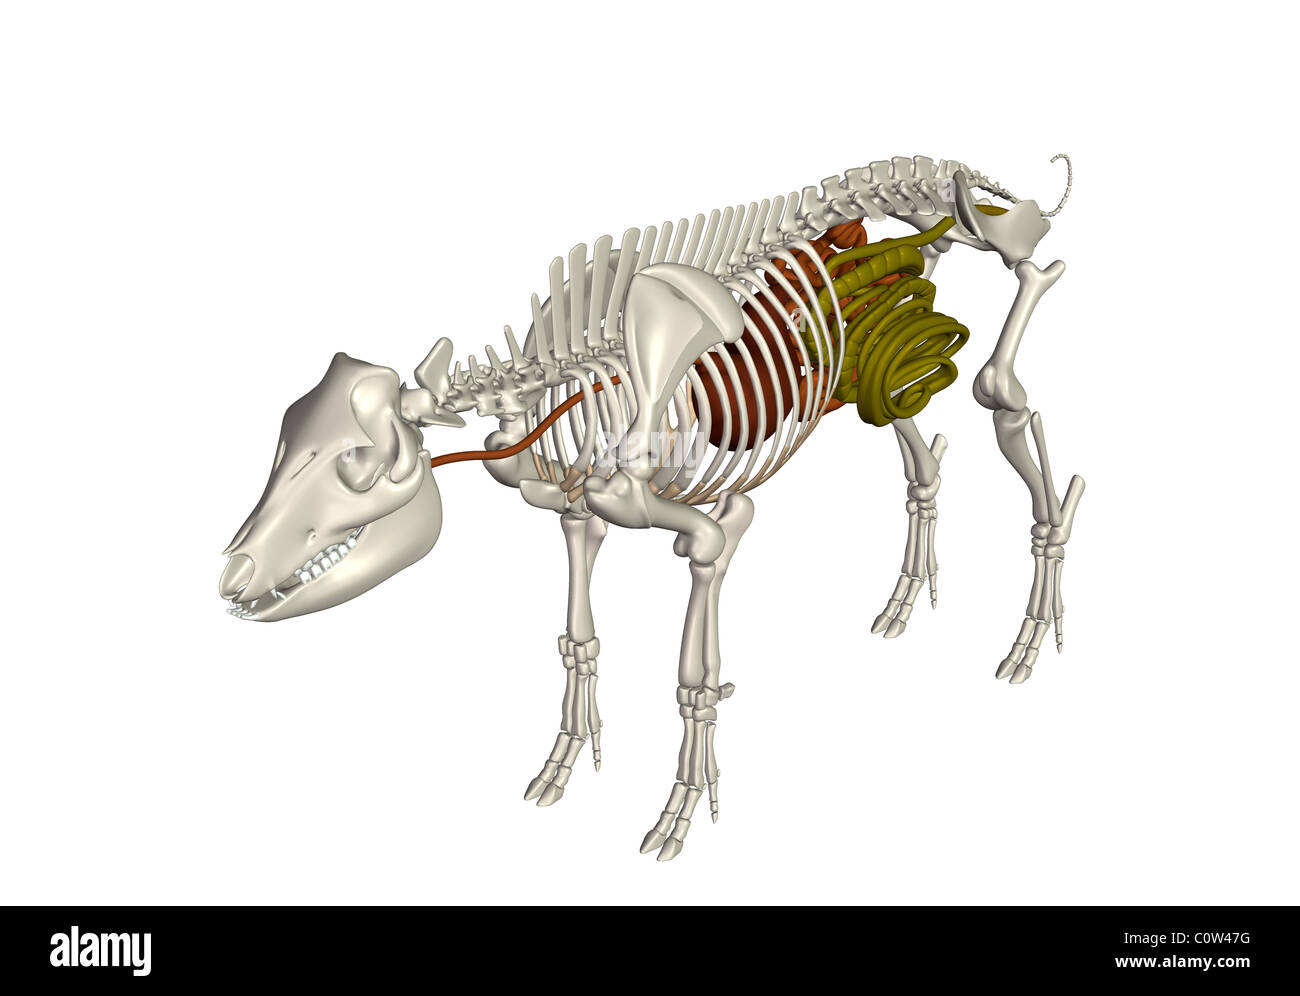 Schwein Anatomie Verdauung Magen Darm Stockfoto, Bild: 34972884 - Alamy